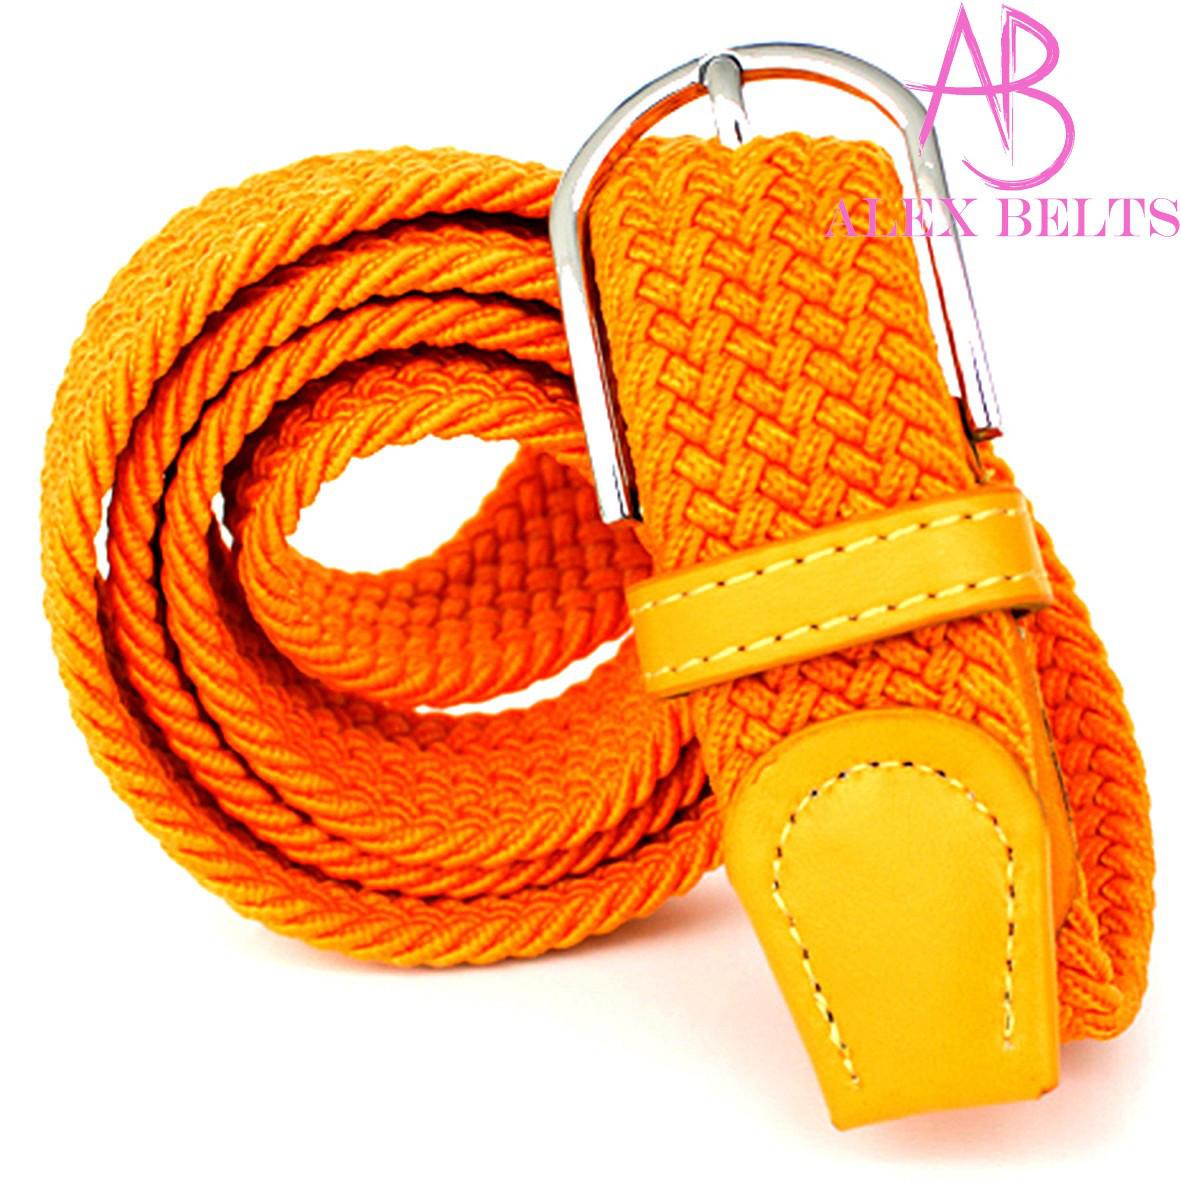 Ремень плетенка резинка на шпеньке (оранжевая) 35 мм - купить оптом в Одессе